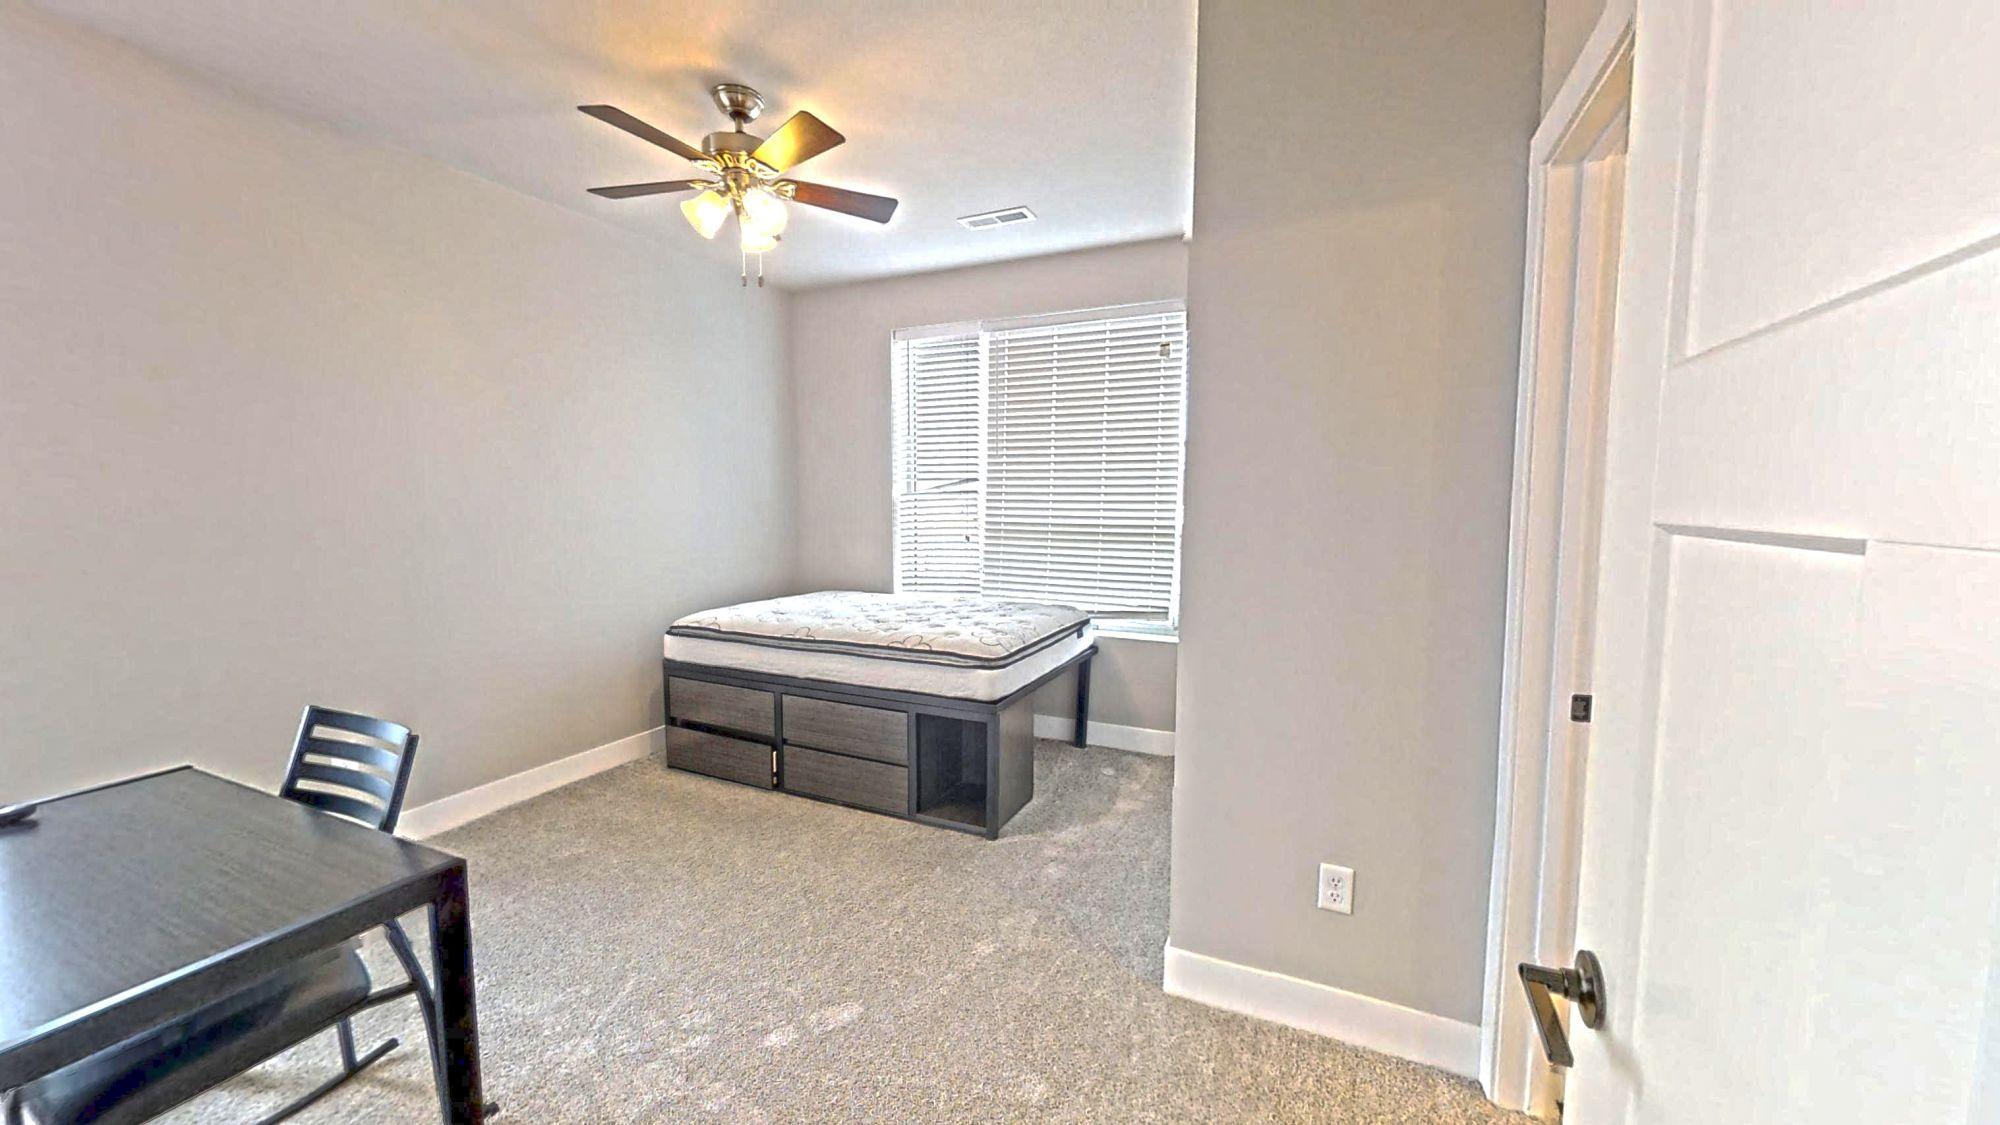 55-E-Green-Champaign-IL-Bedroom-Unilodgers